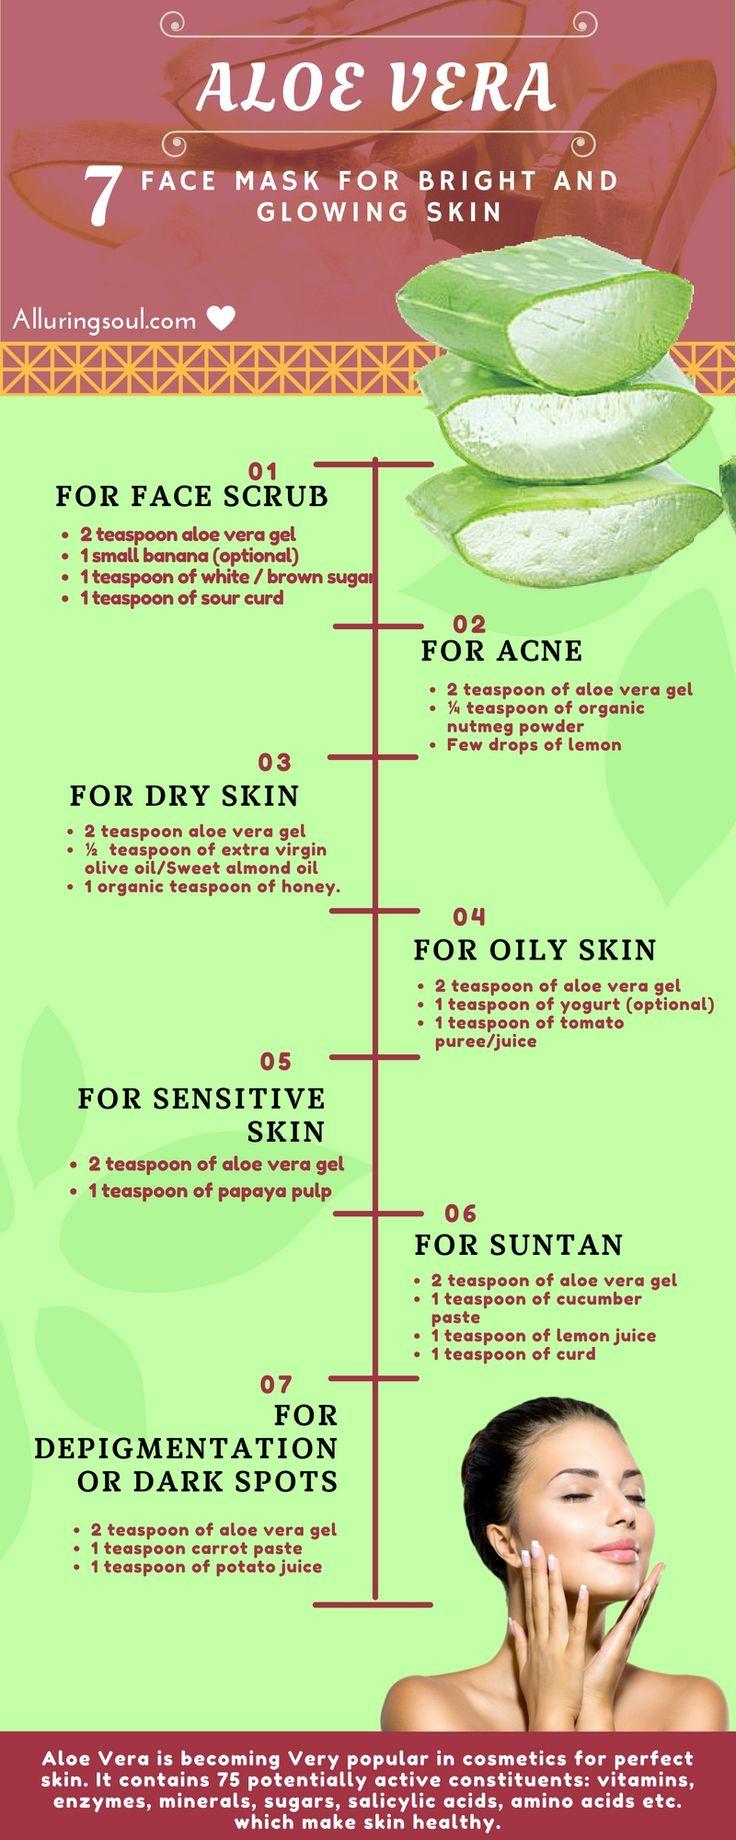 id e pour soin du vsage et acn aloe vera masque a de nombreux avantages qui rendent la peau. Black Bedroom Furniture Sets. Home Design Ideas